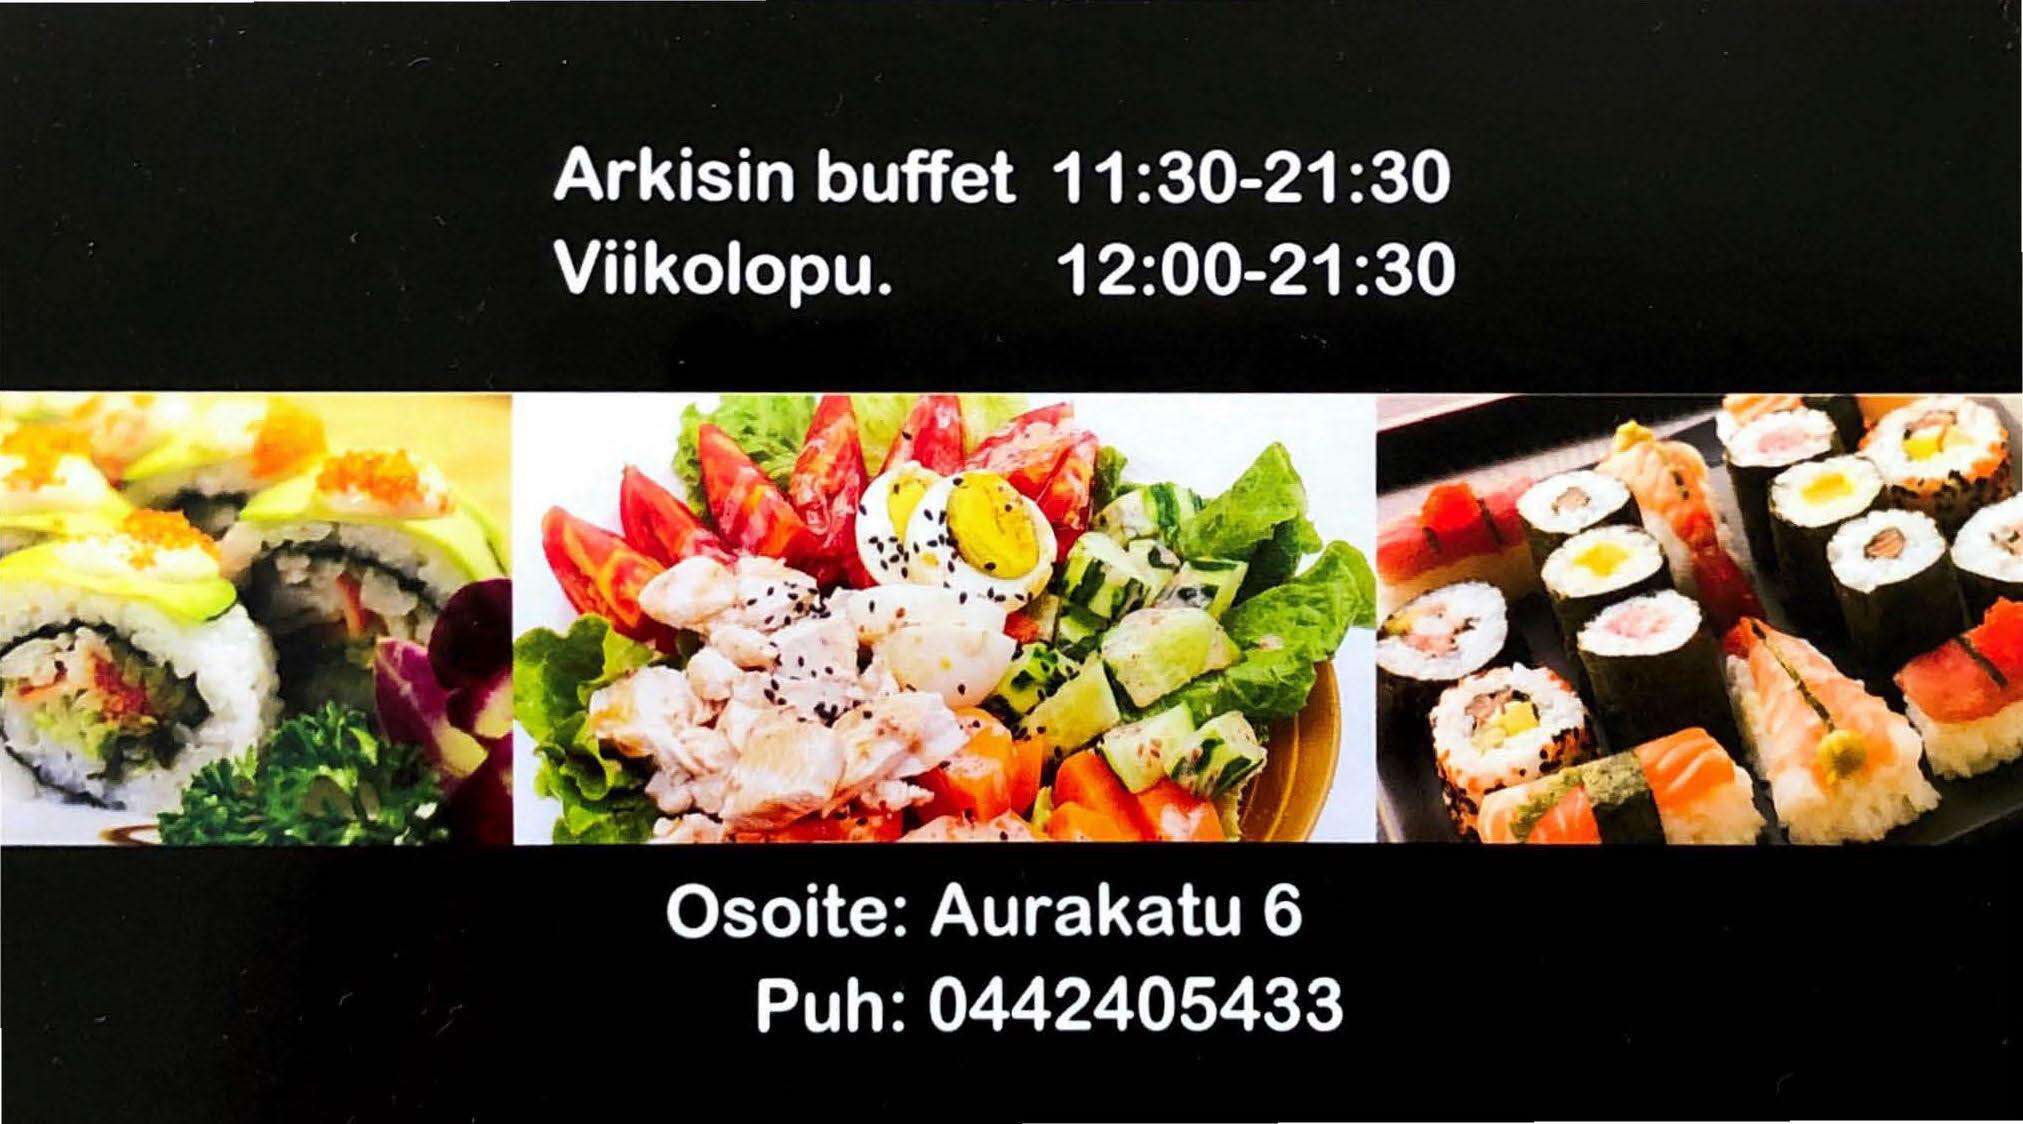 Sushibuffet Turku